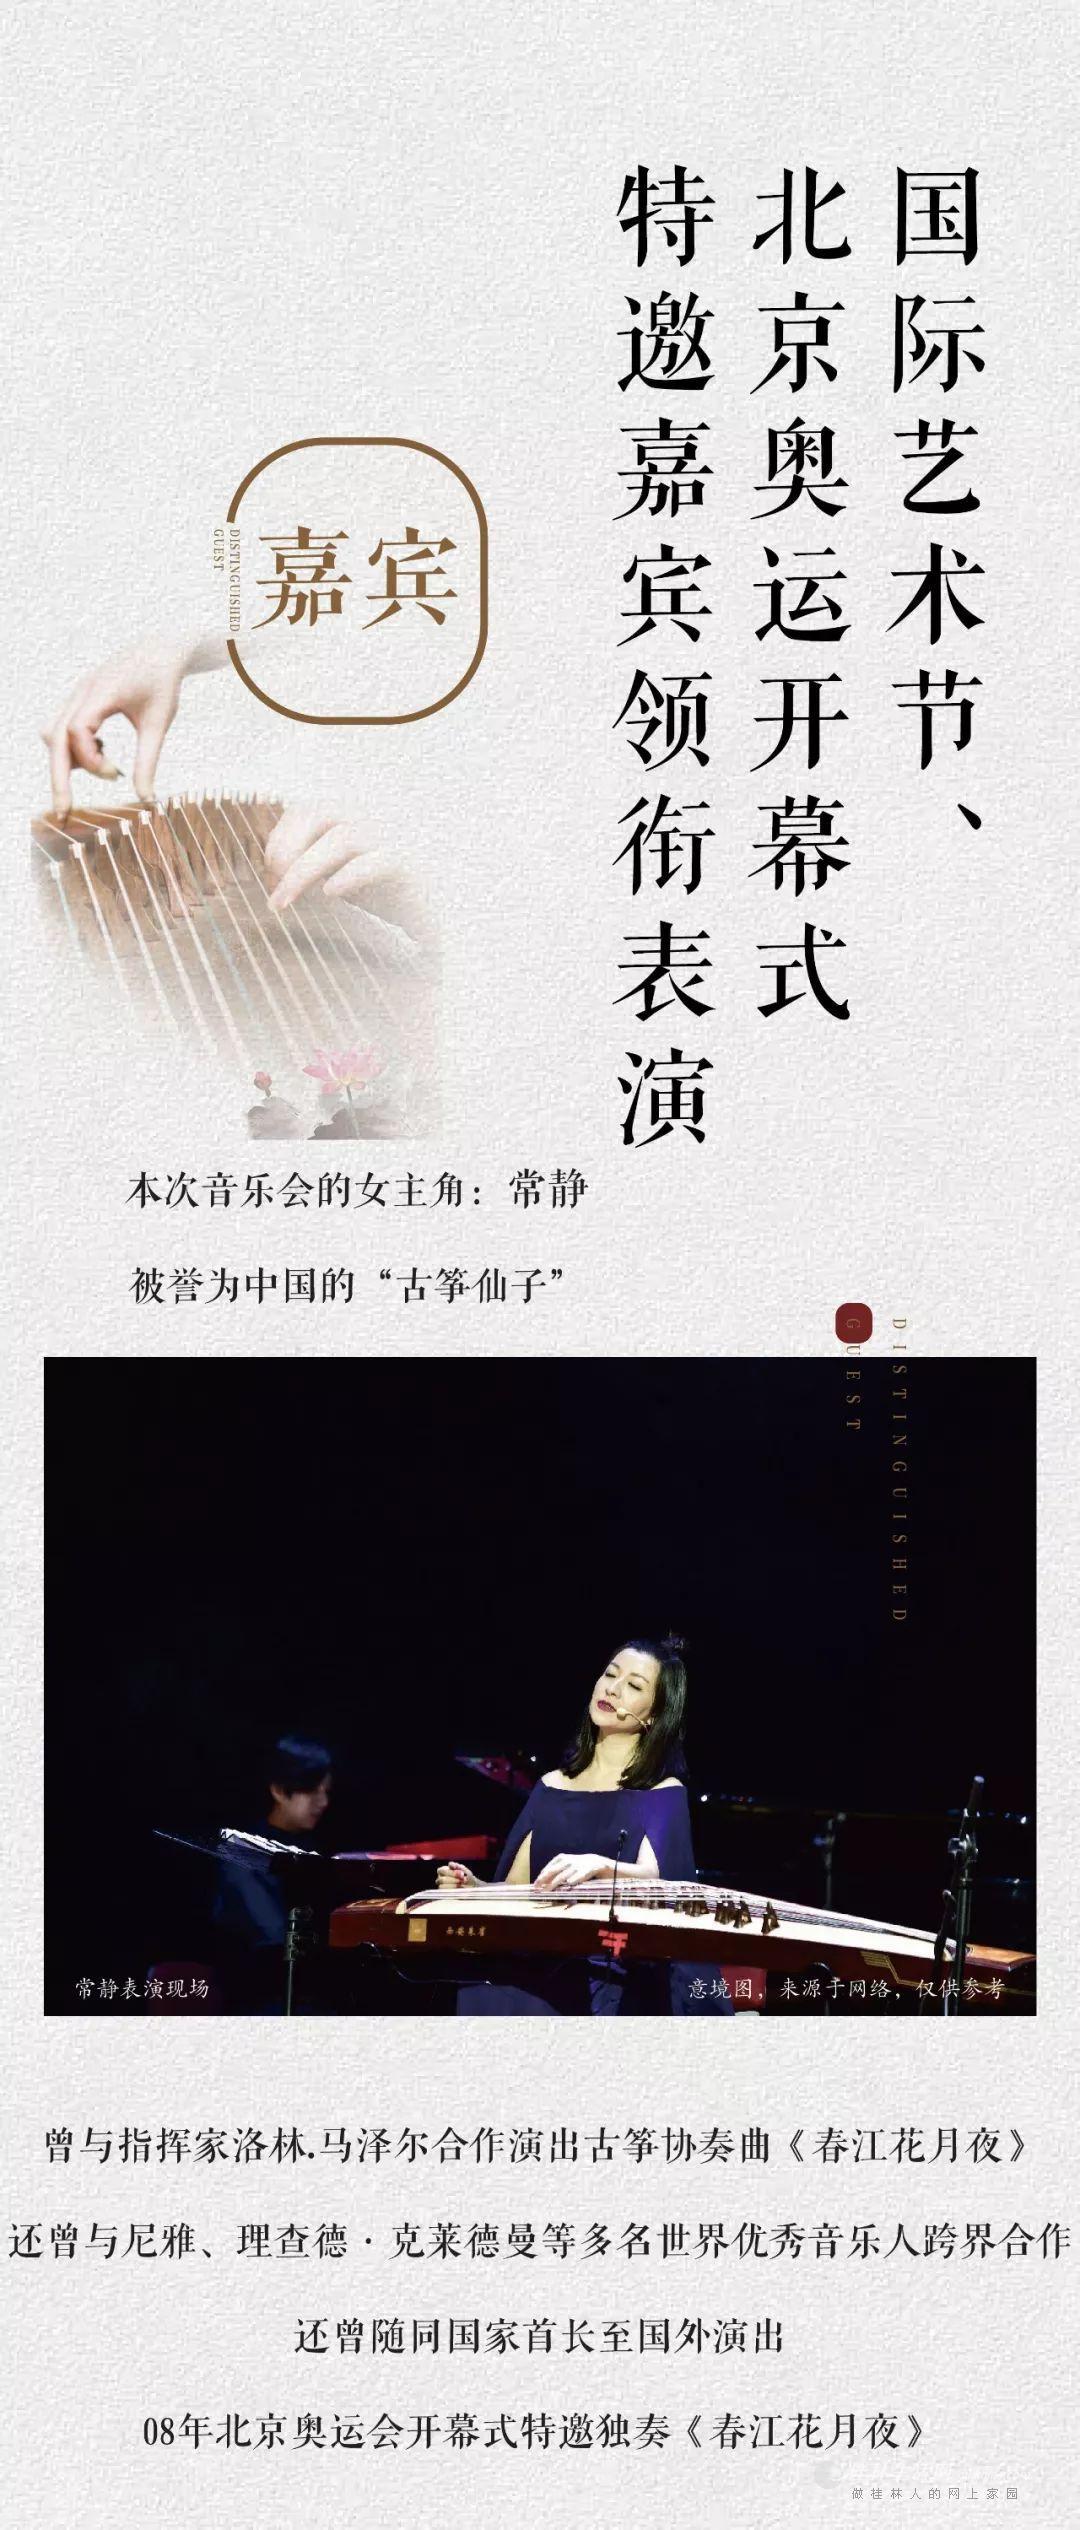 北京奥运会开幕式级视听盛典情景降临桂林!